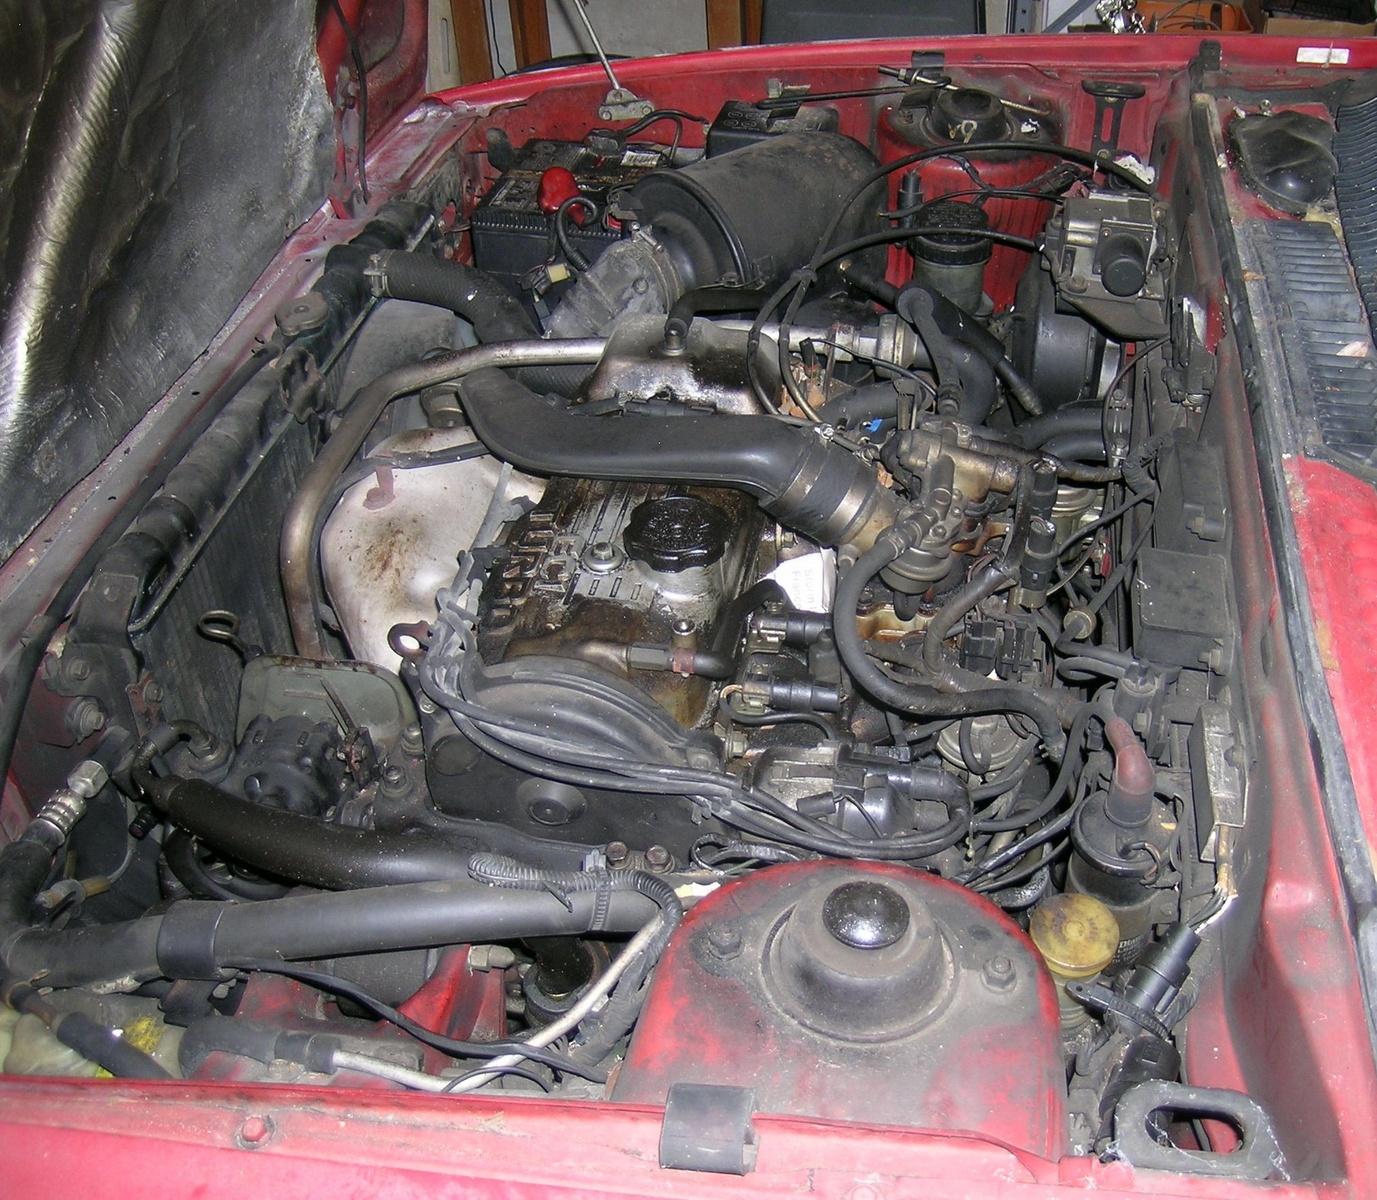 1983 Mitsubishi Colt Mirage Turbo: 1988 Mitsubishi Cordia